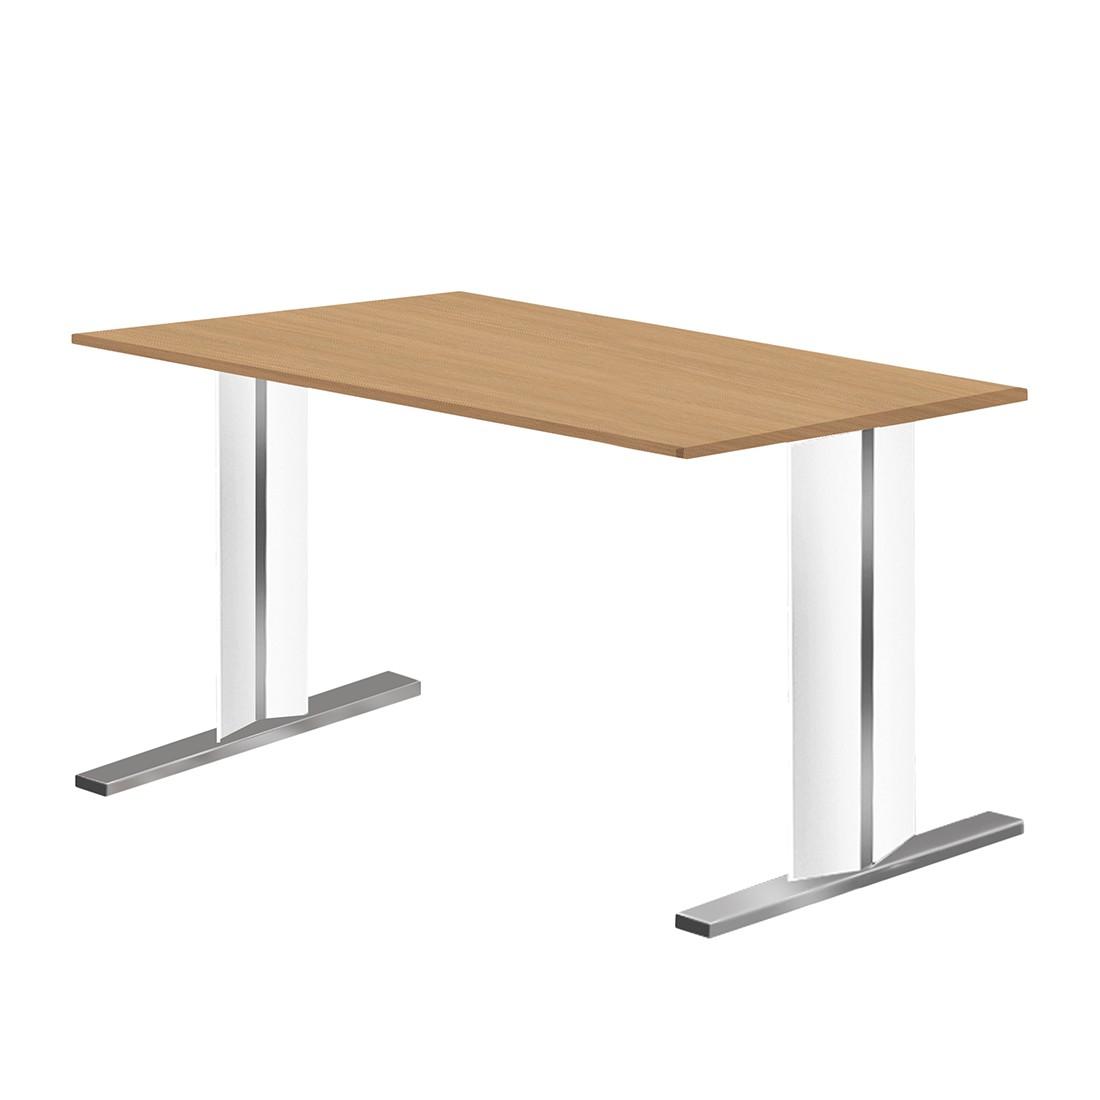 Schreibtisch Form 4 – Eiche/Weiß – Breite: 180 cm, Form 4 günstig